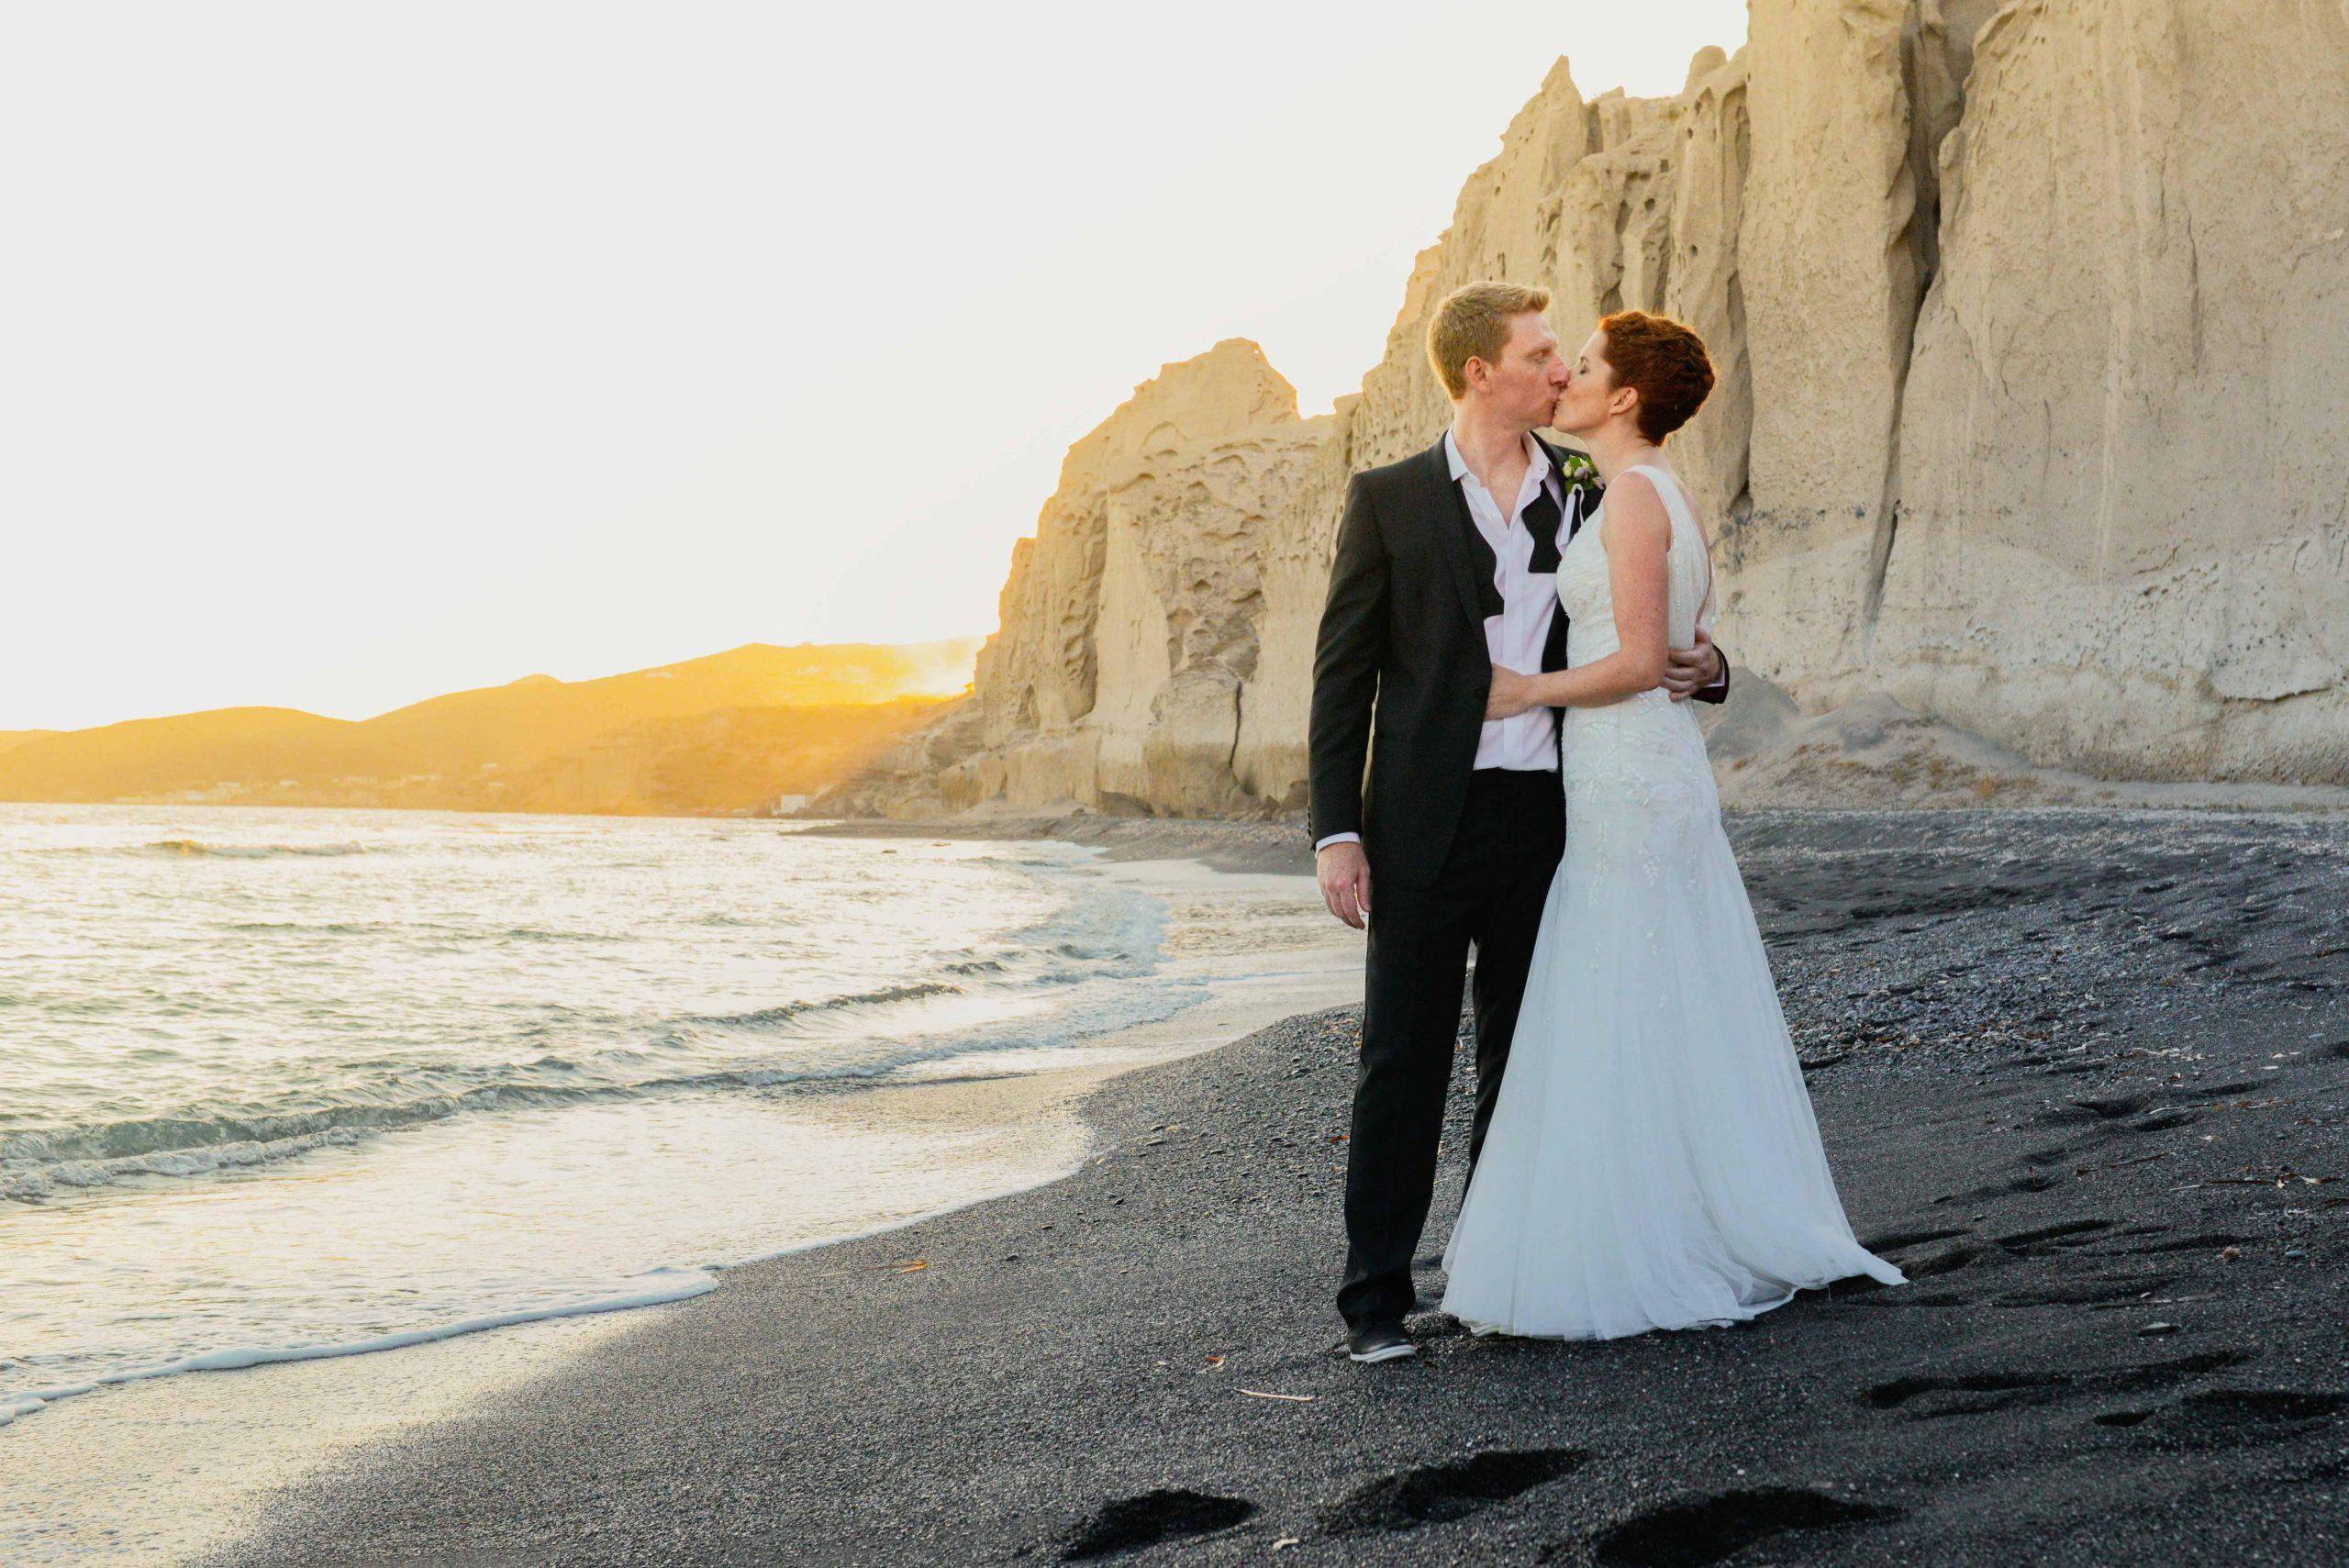 Γάμος Σαντορίνη | Βλιχάδα